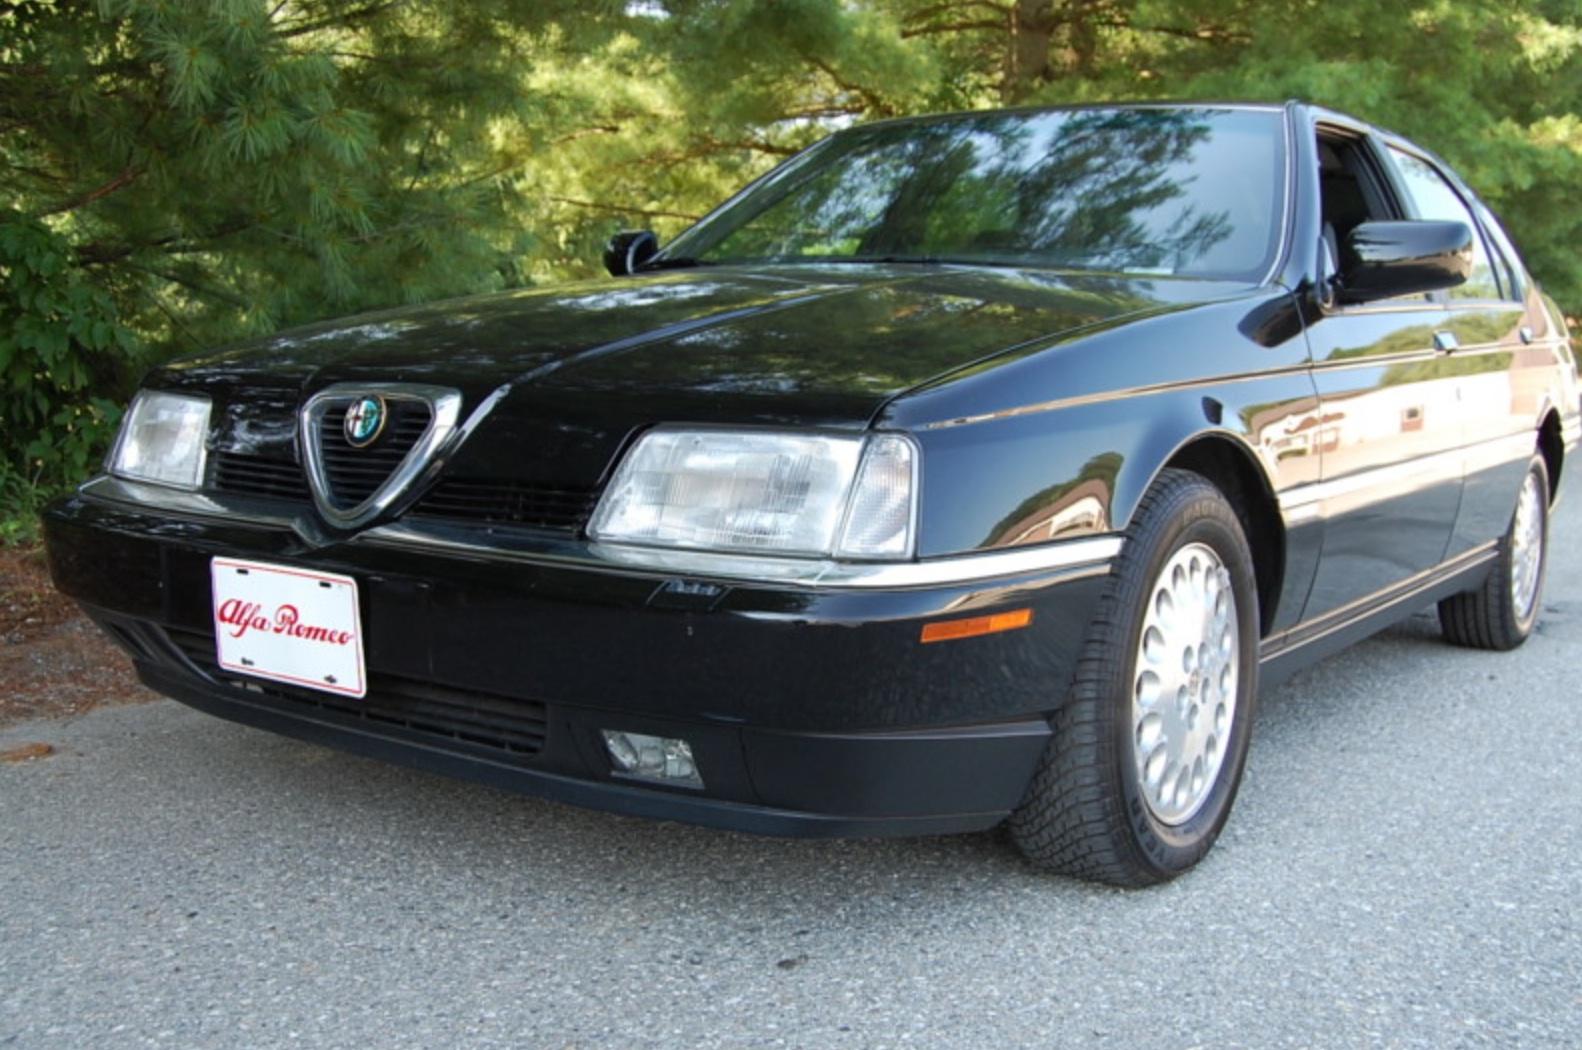 Alfa Romeo 164 Quadrifoglio Wiring Diagram Schematic 156 Classic Italian Cars For Sale Page 5rhclassicitaliancarsforsale